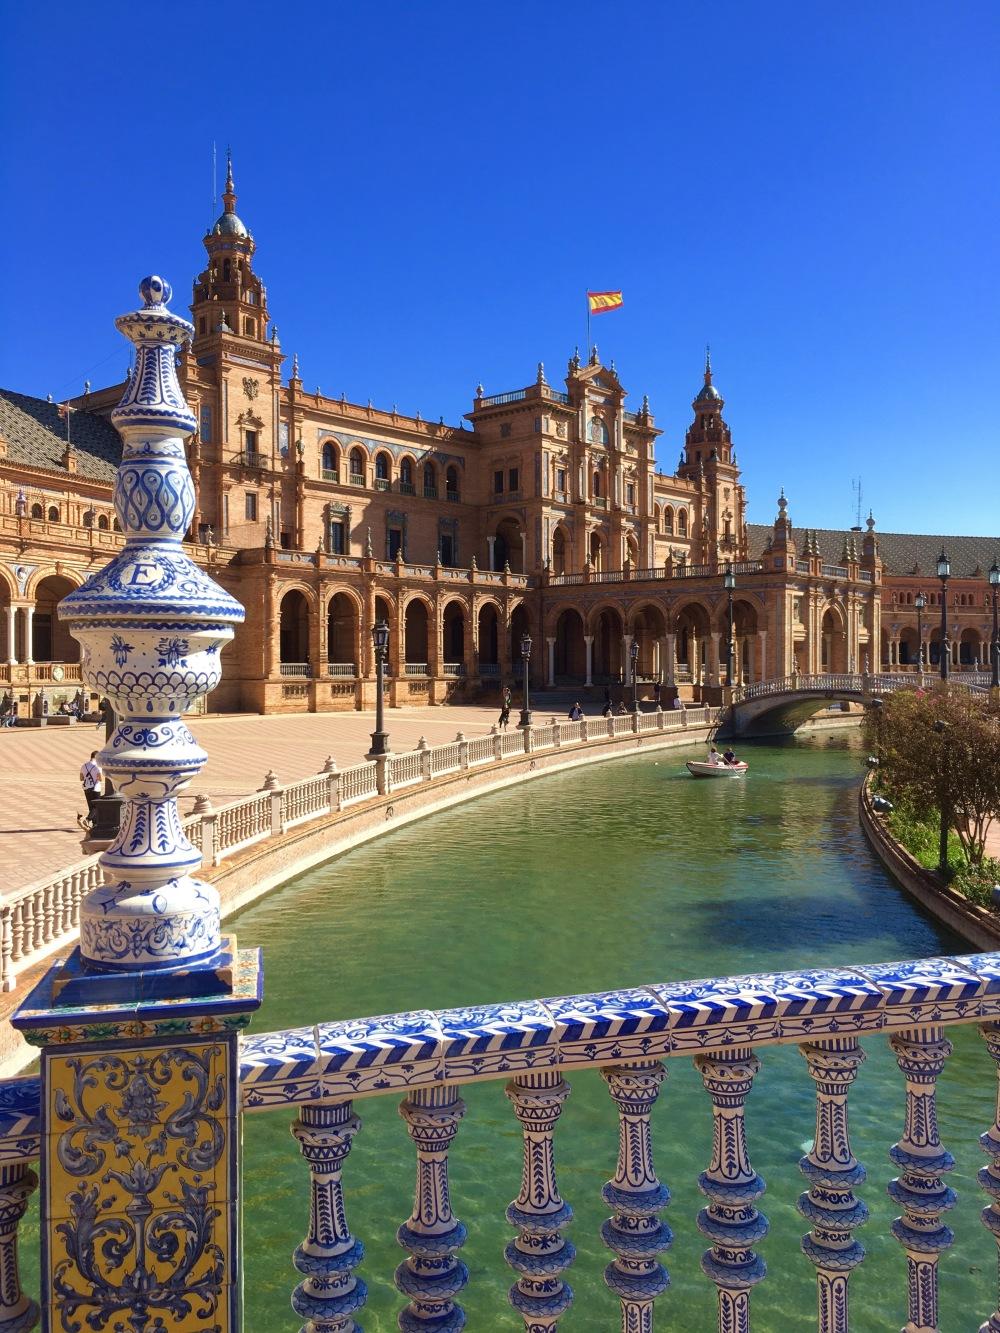 Plaza de espana 2.jpg